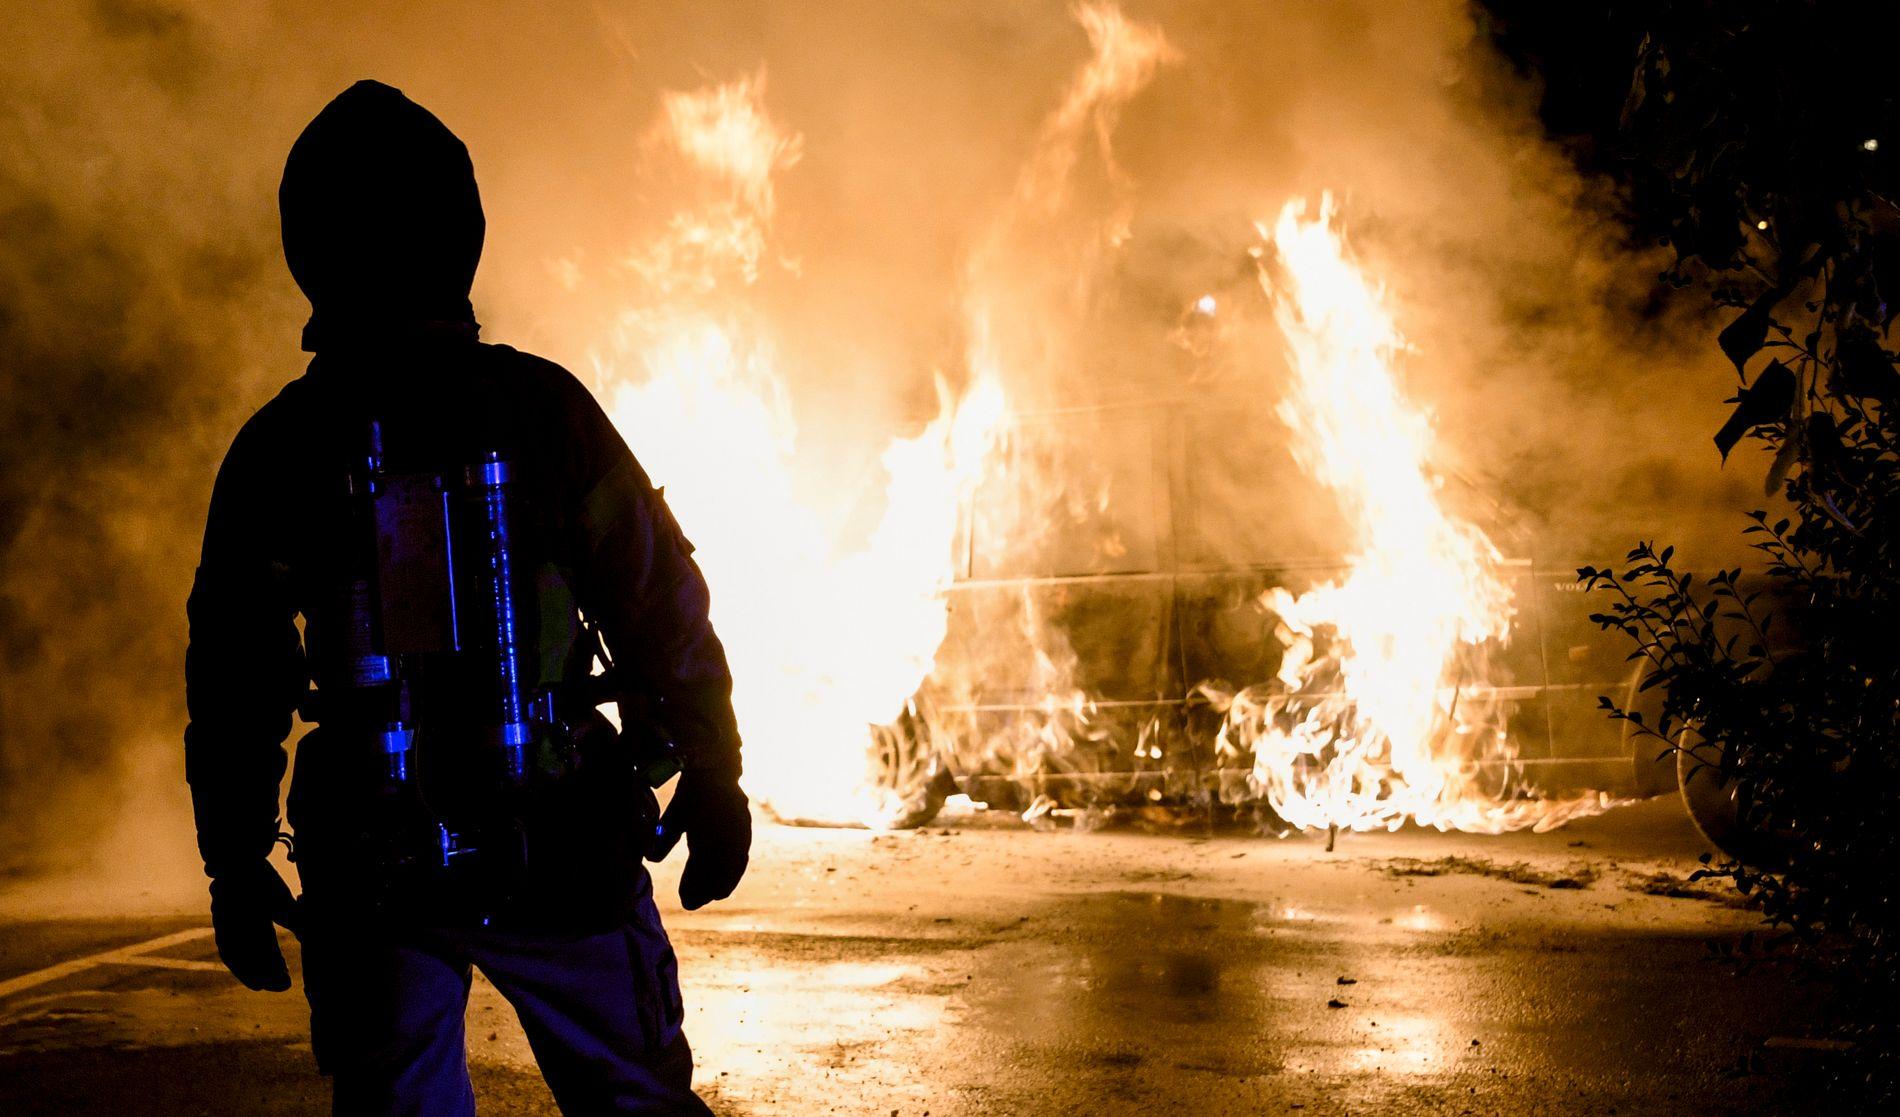 PÅTENT: Brannvesenet slukker en brann i Arkitektgatan i Malmø natt til tirsdag.